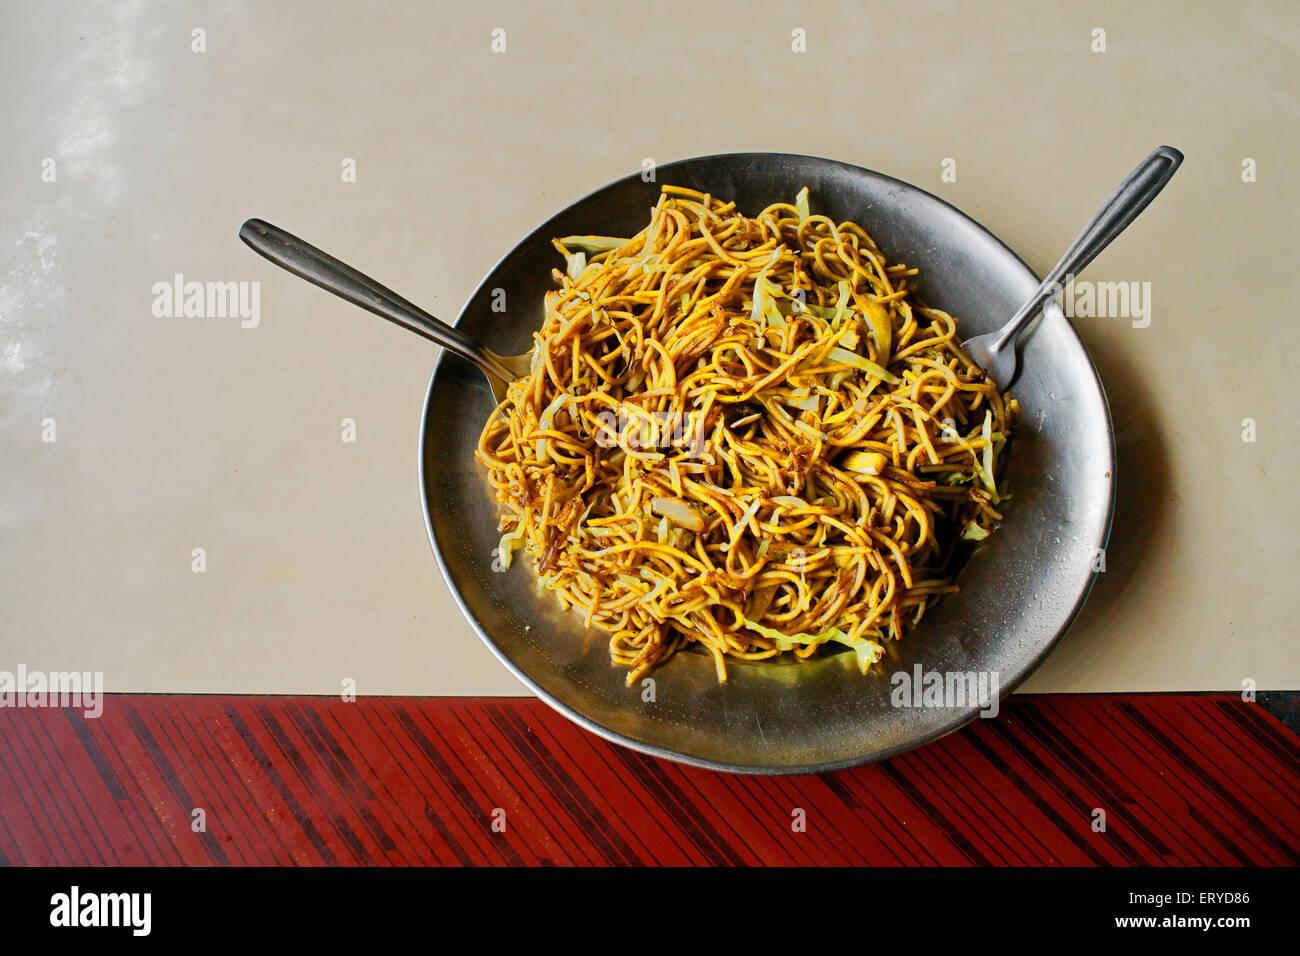 Vegetable noodles ; wayside Dhaba ; Lumbini ; Nepal - Stock Image